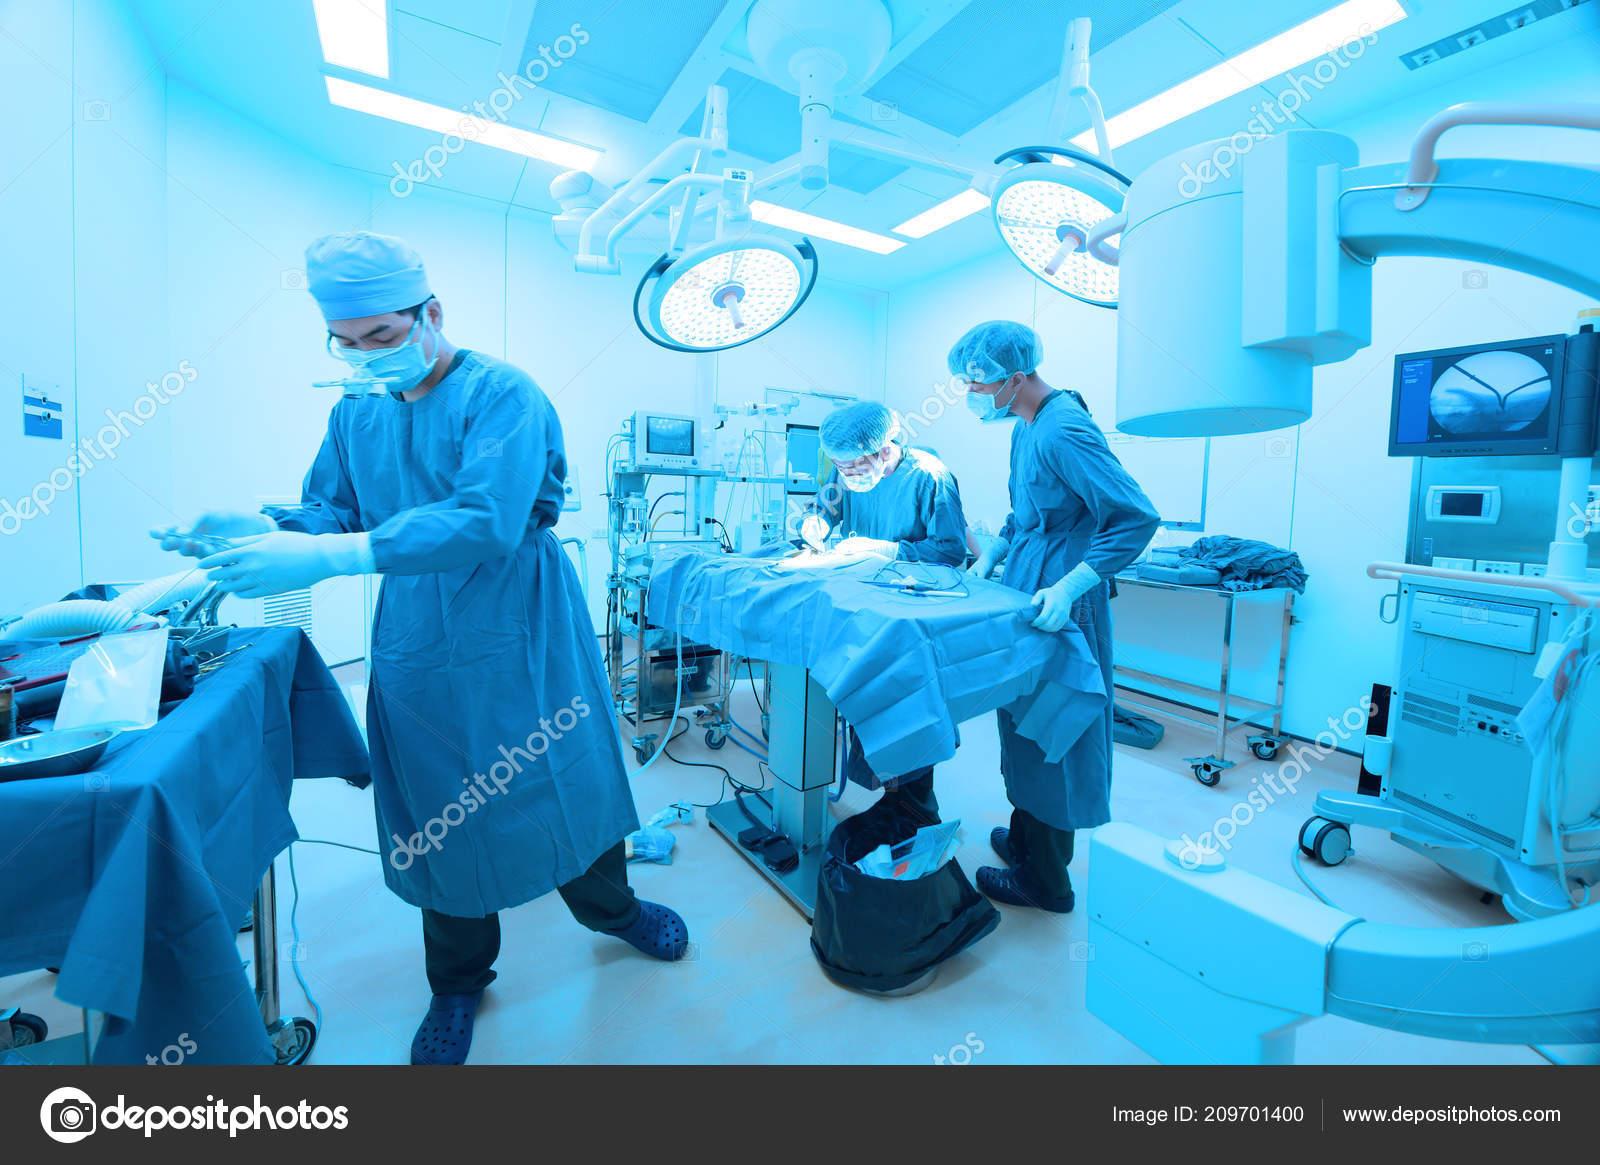 Gruppo ambulatorio veterinario sala operatoria con illuminazione